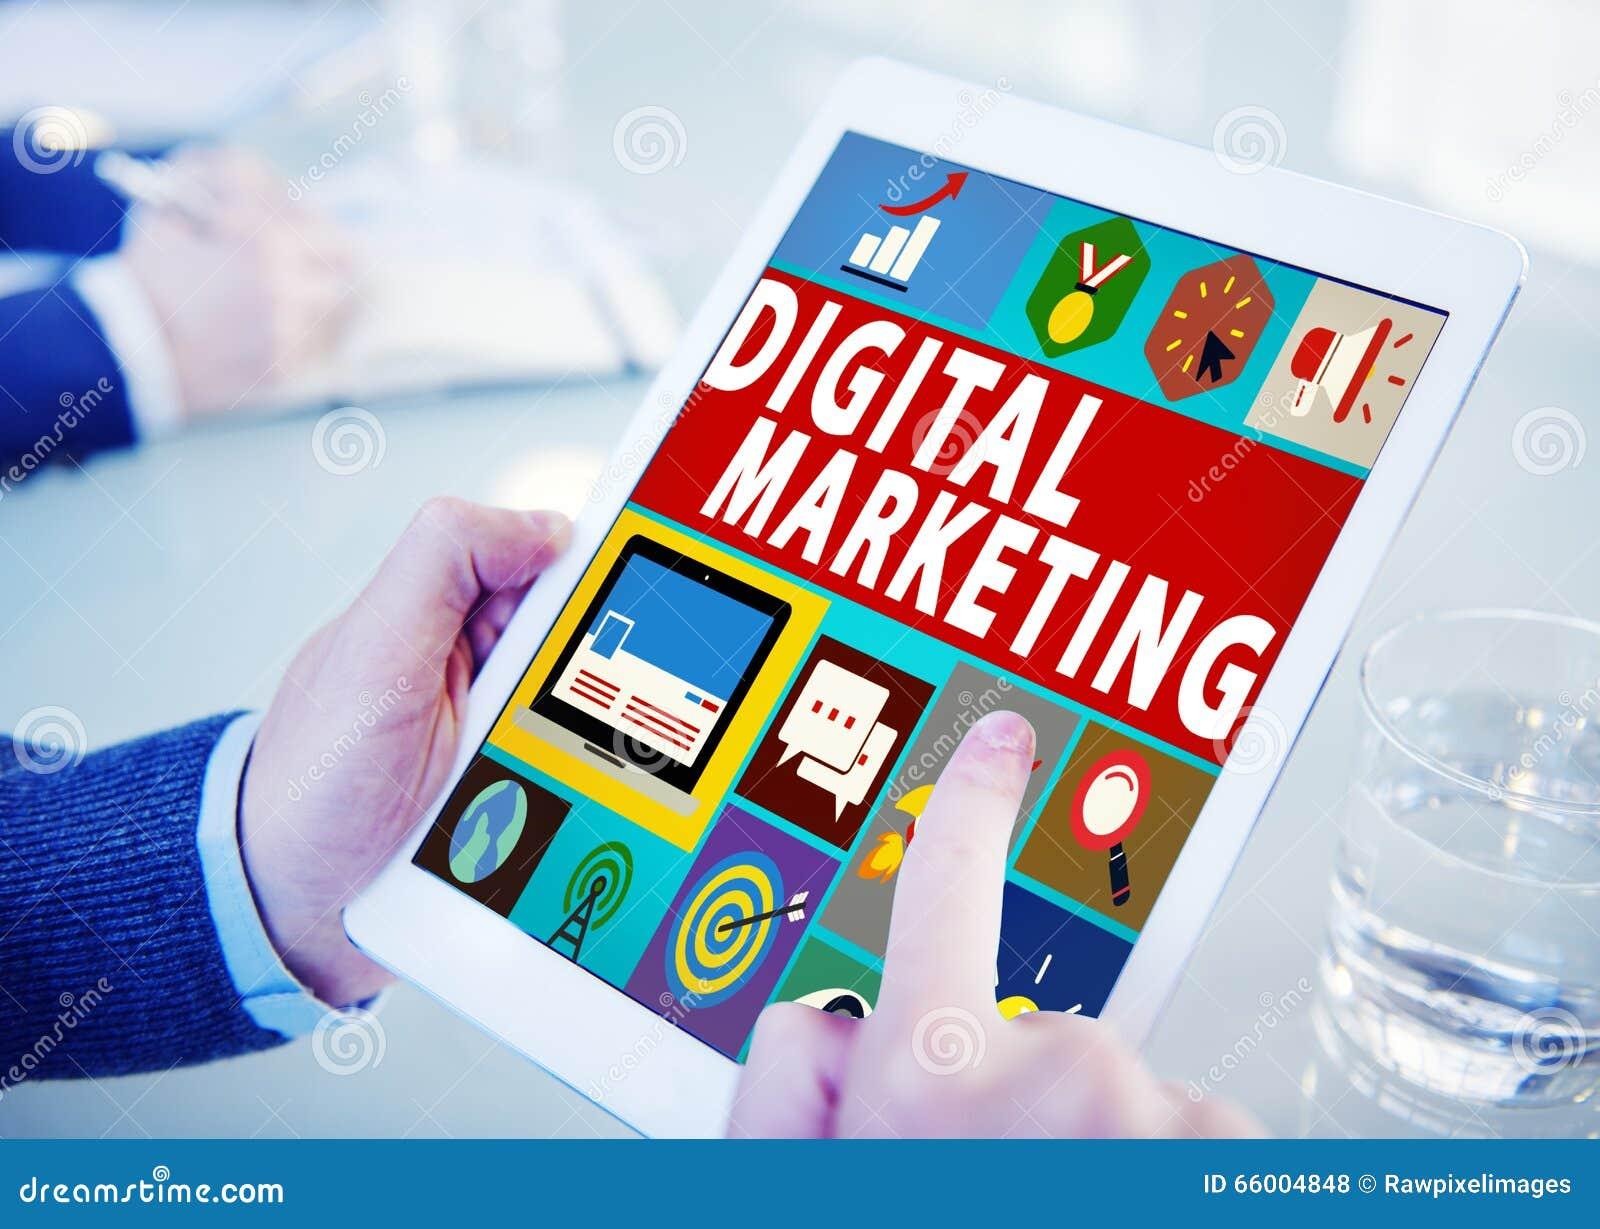 Digitaal Marketing de Bevorderingsconcept van de Handelscampagne